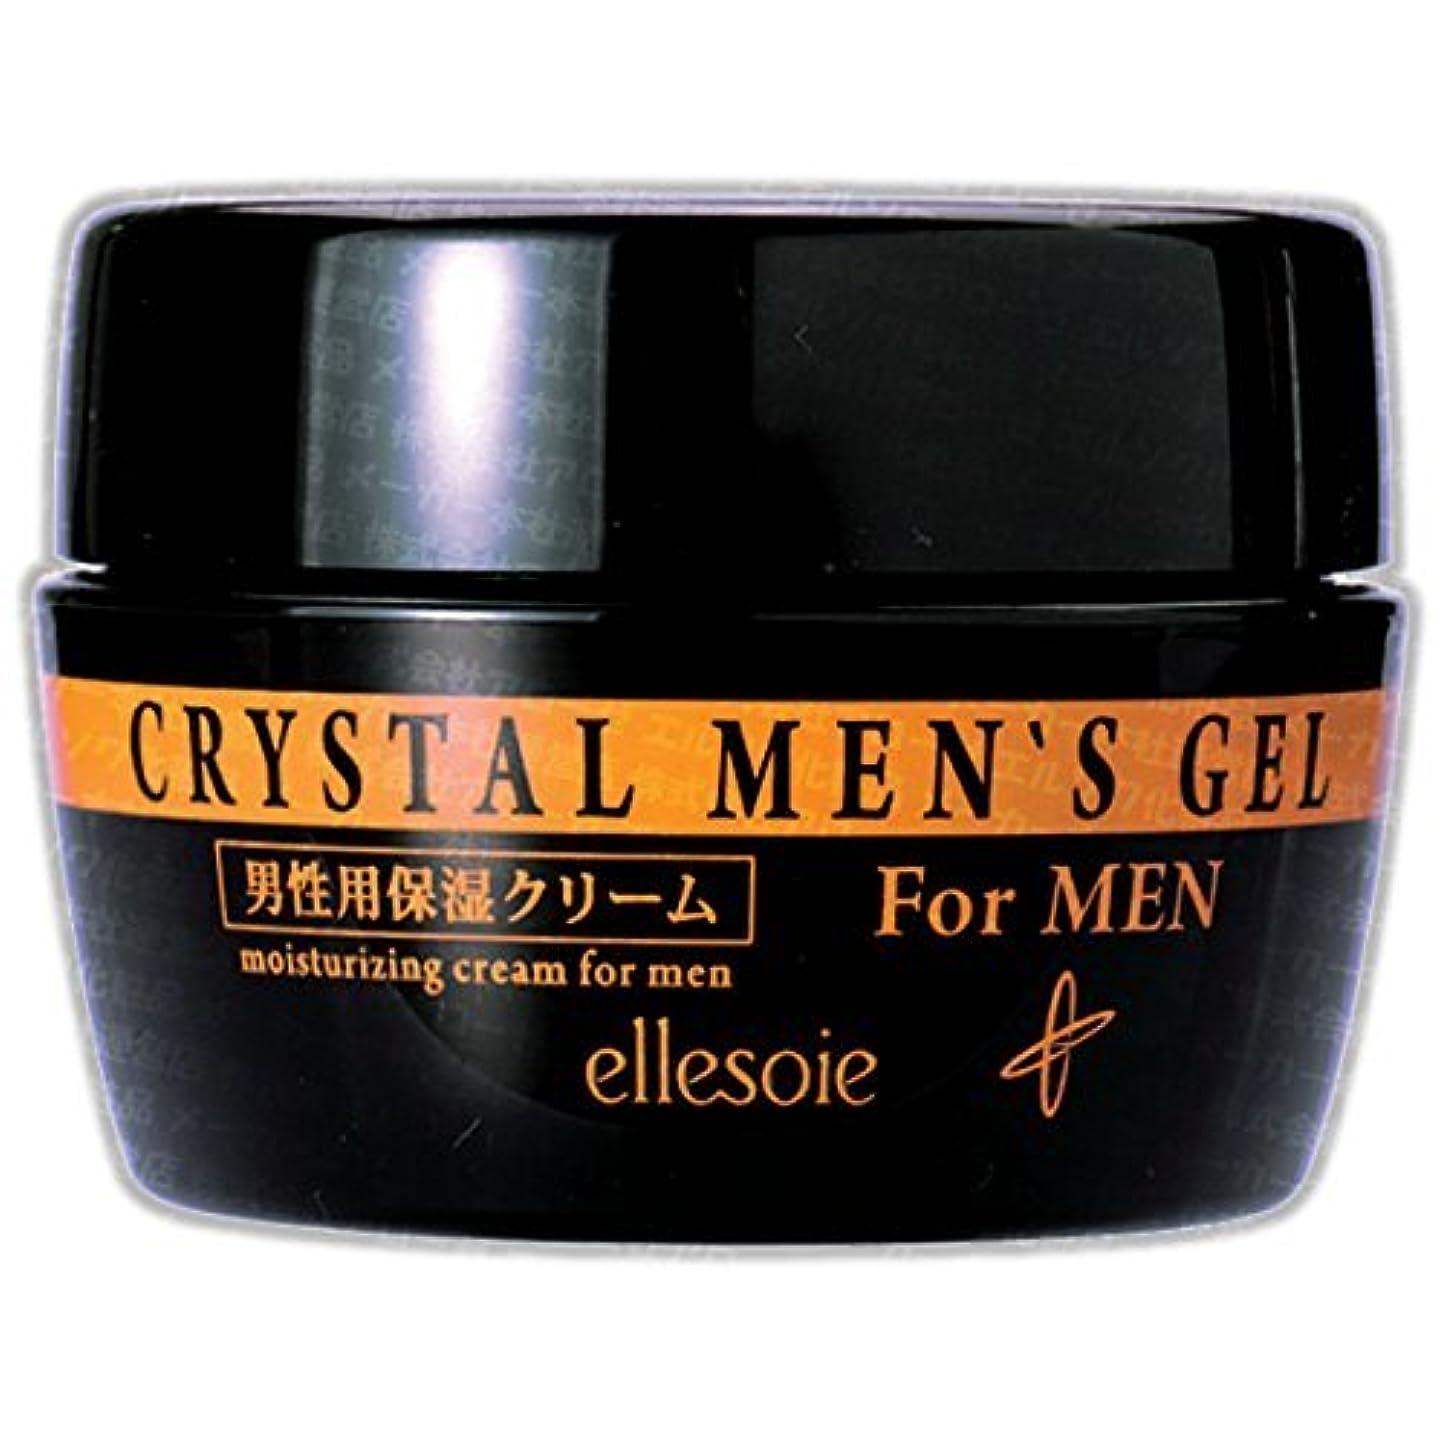 ごめんなさいガスヒギンズエルソワ化粧品(ellesoie) クリスタル メンズゲル 男性向けオールインワン